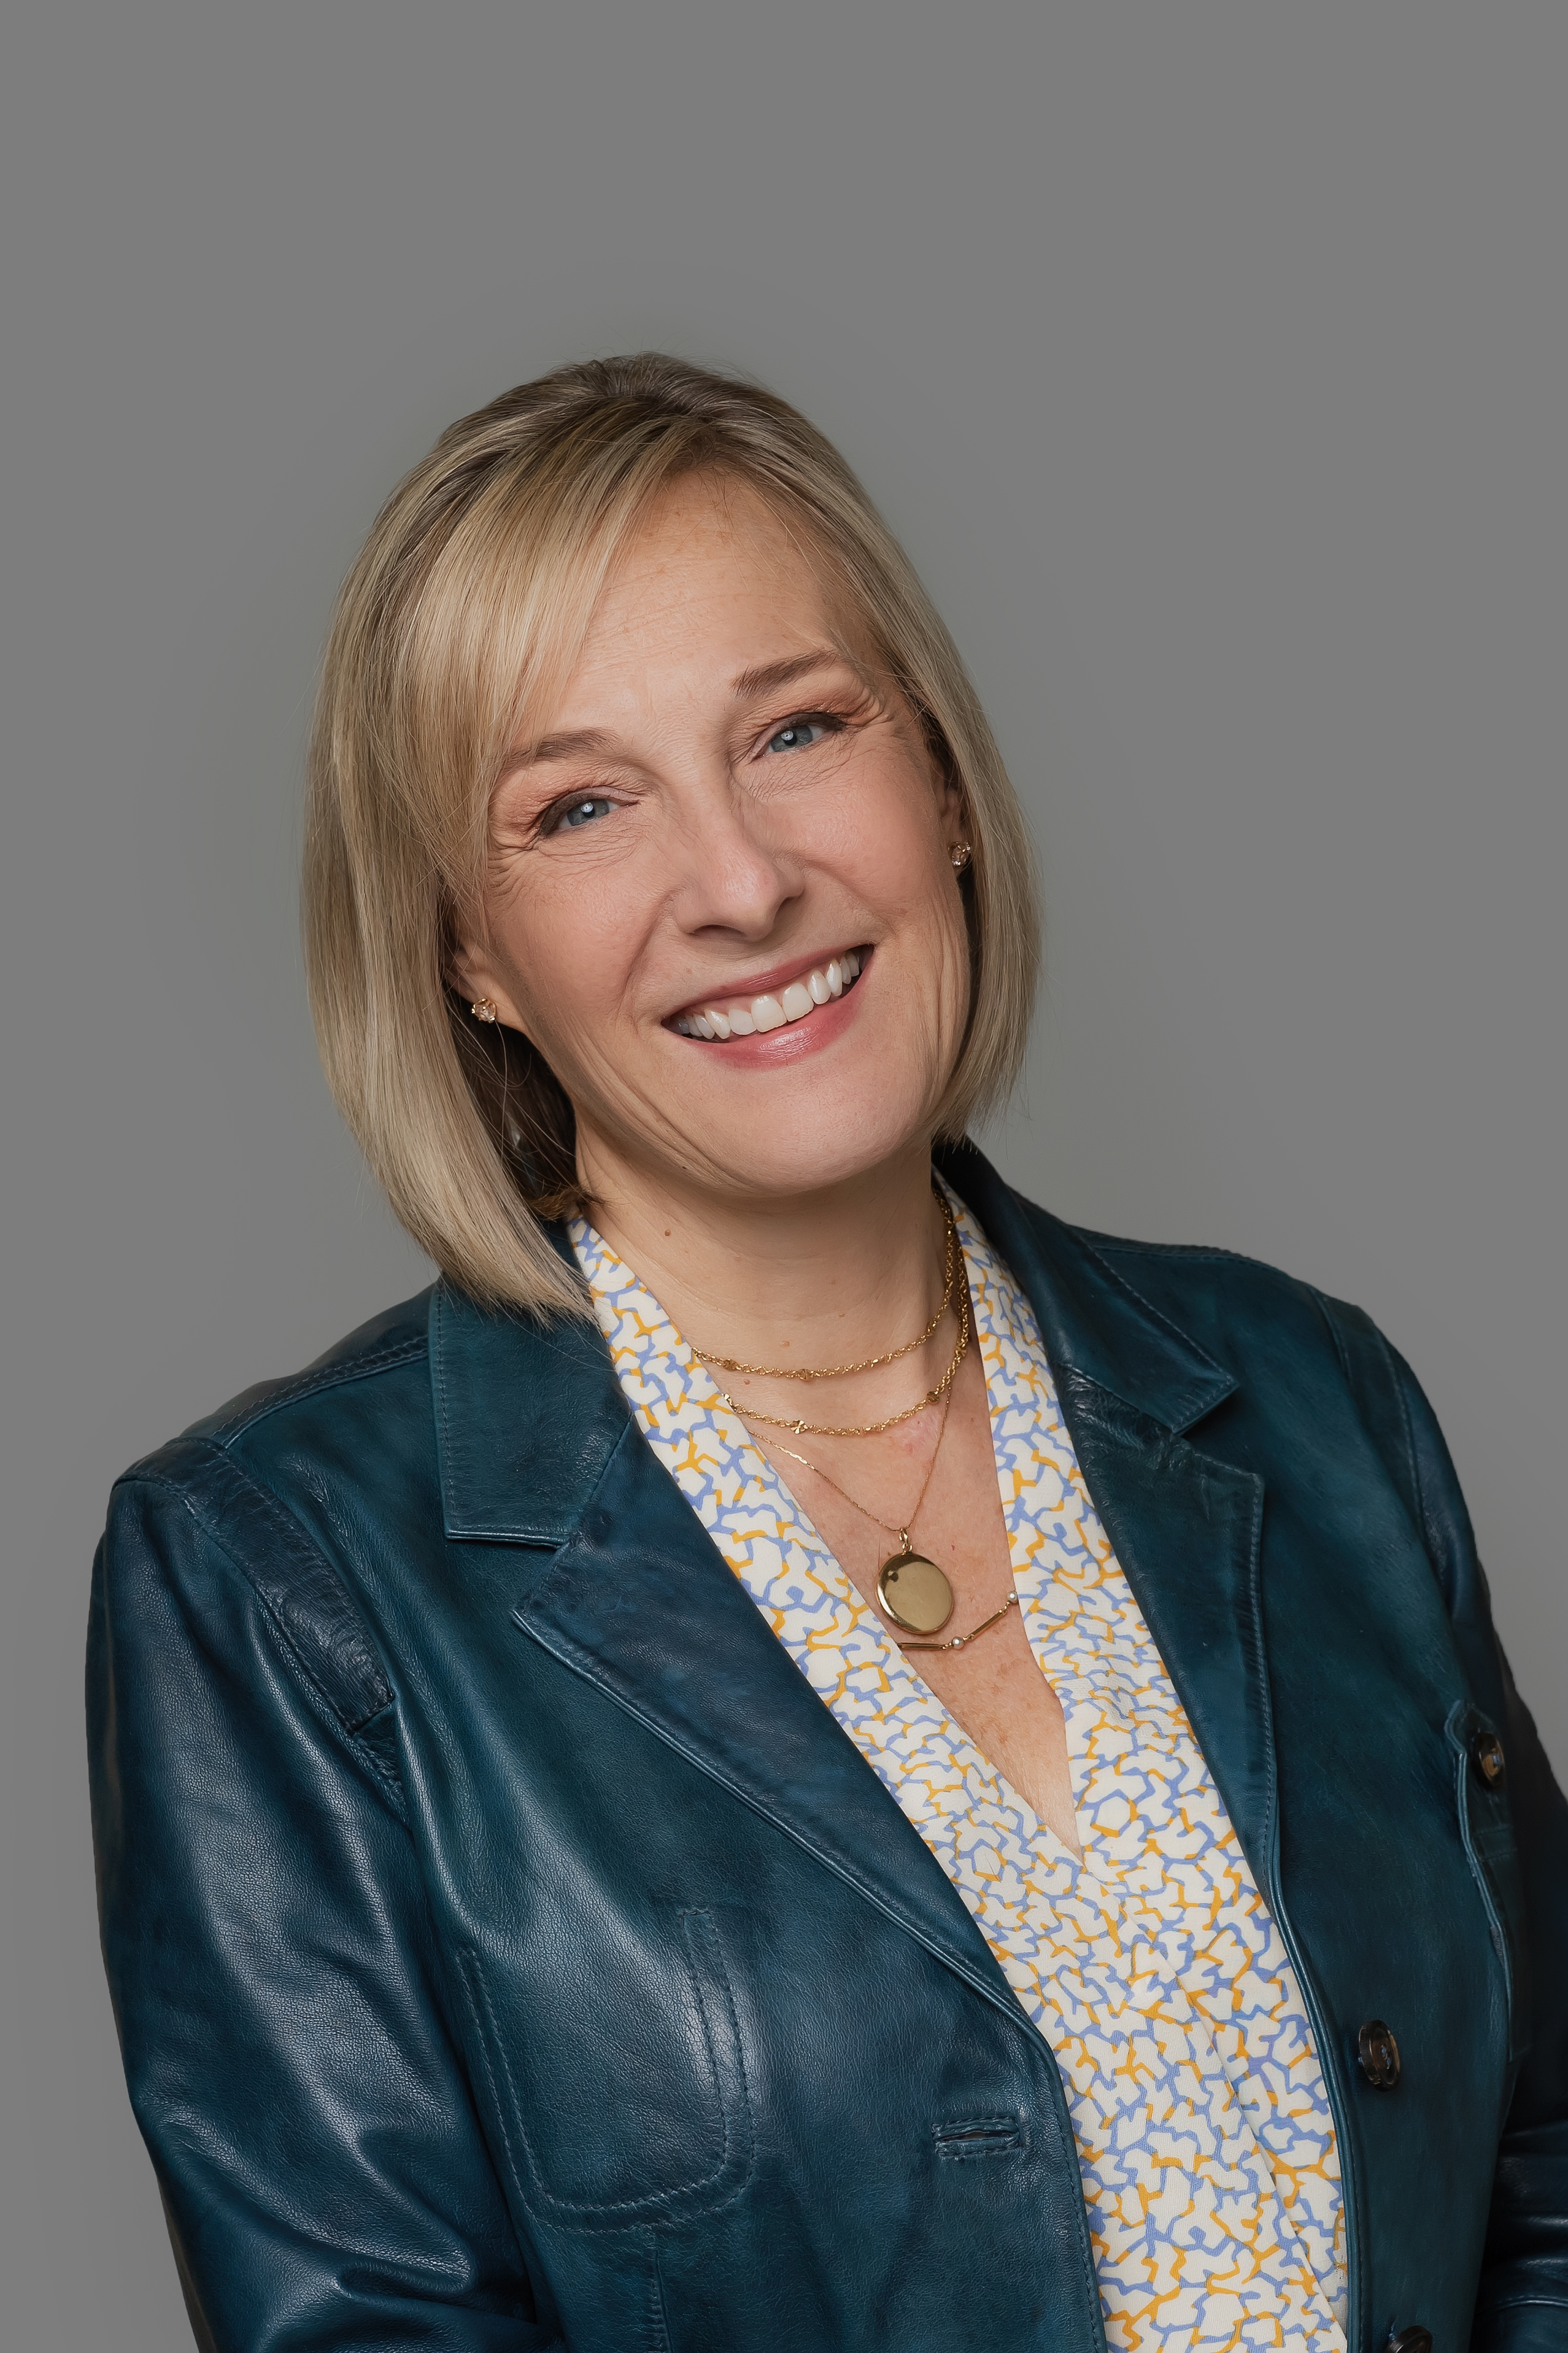 Deb Boyda